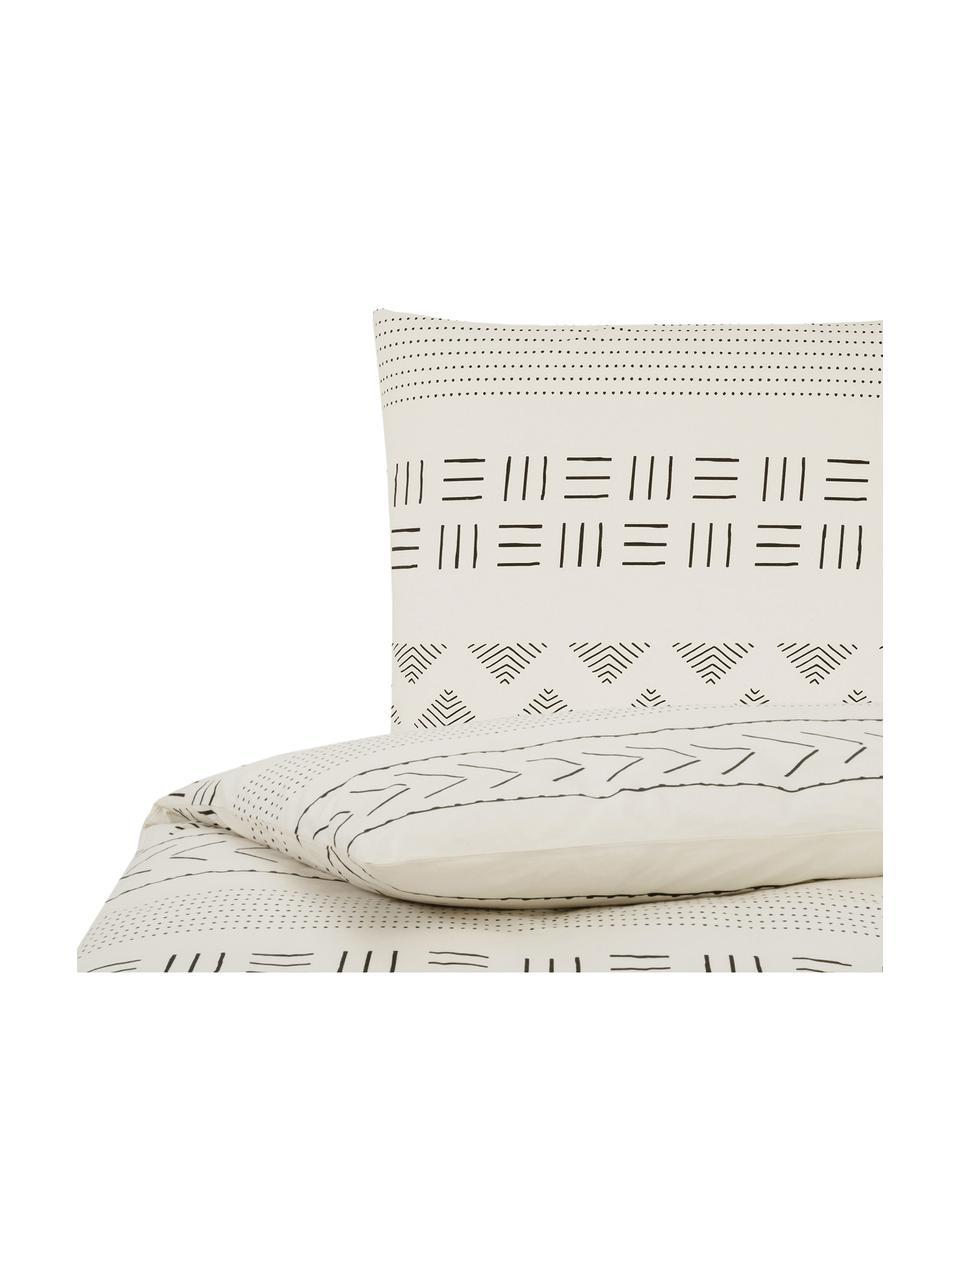 Parure copripiumino boho in cotone lavato Kohana, Tessuto: percalle, Ecru, nero, 200 x 200 cm + 2 federe 50 x 80 cm